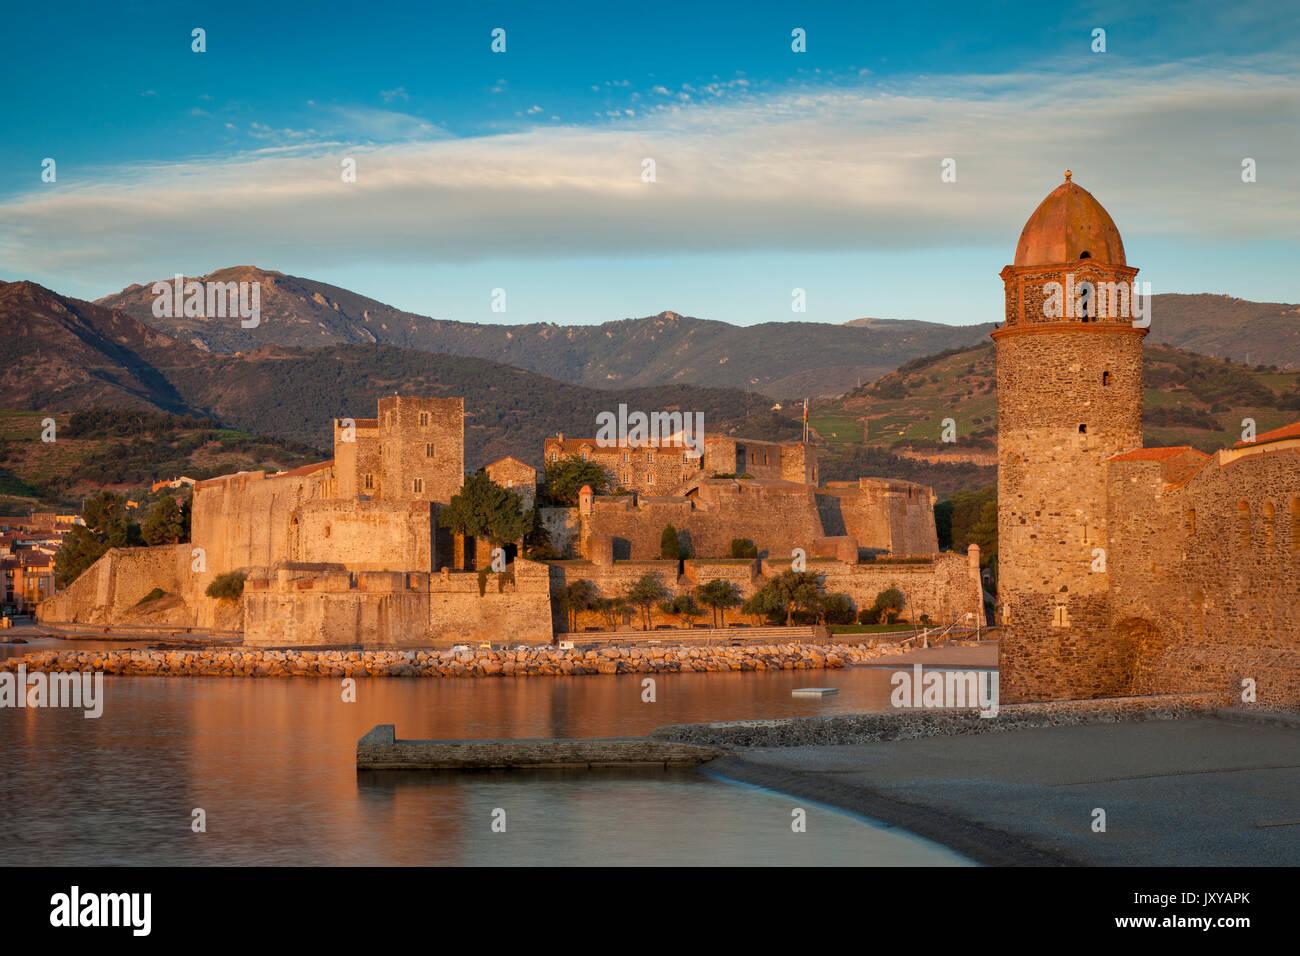 Première lumière de l'aube dans la ville de Collioure, Pyrénées-Orientales, Languedoc-Roussillon, France Photo Stock